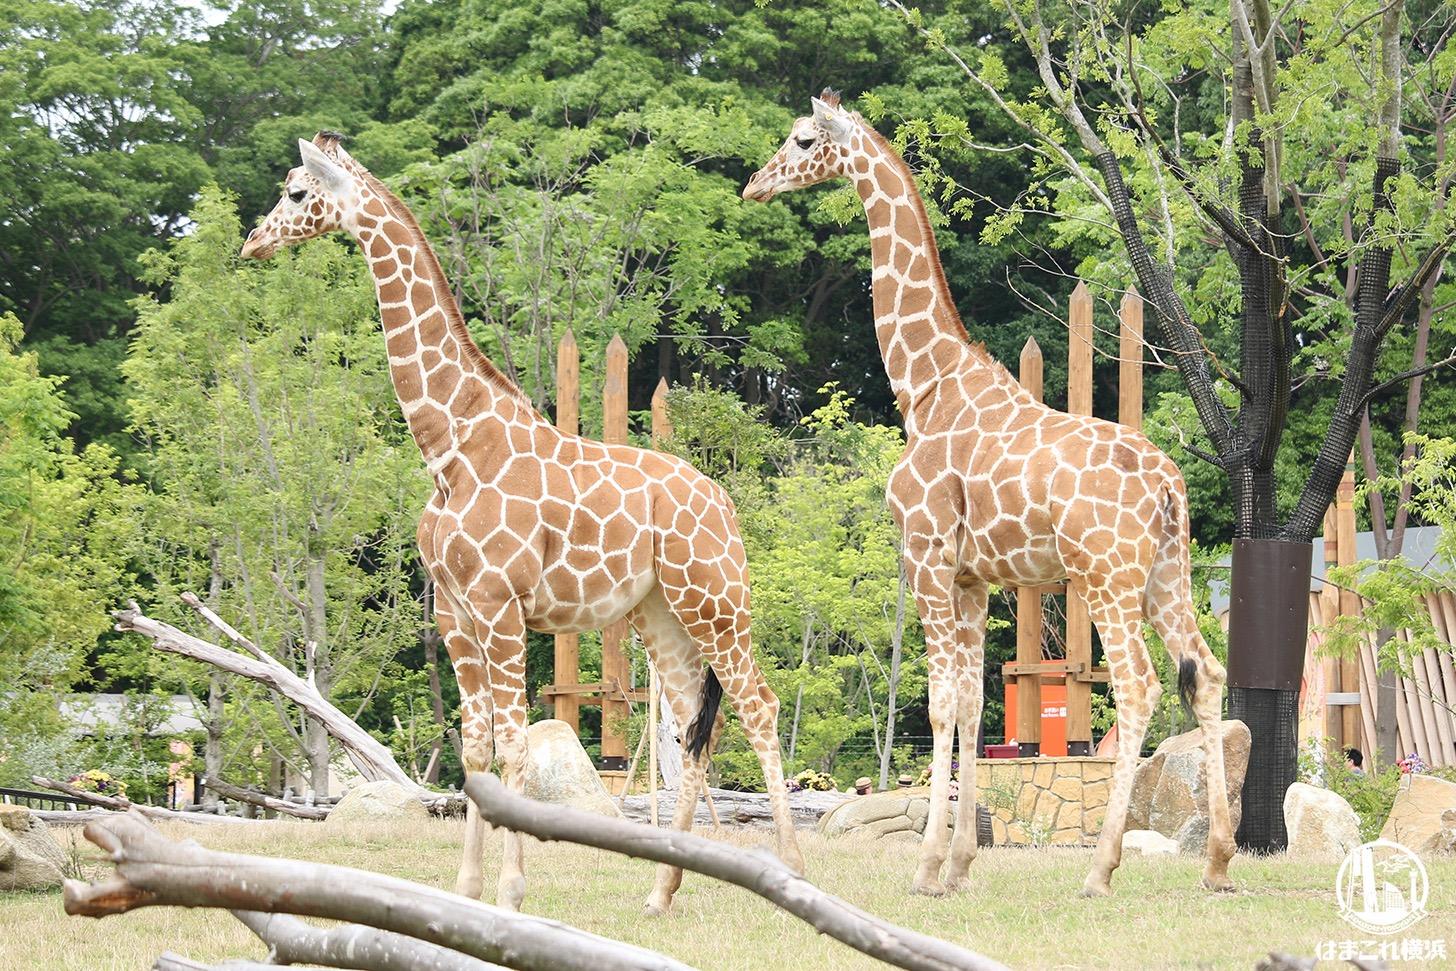 よこはま動物園ズーラシア、入園整理券による事前予約制導入